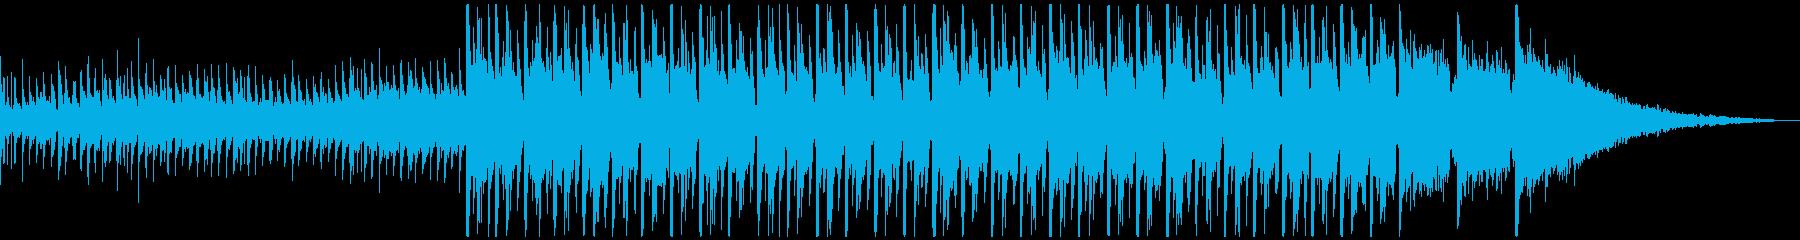 AI、無機質クール、テクノ、ショートの再生済みの波形